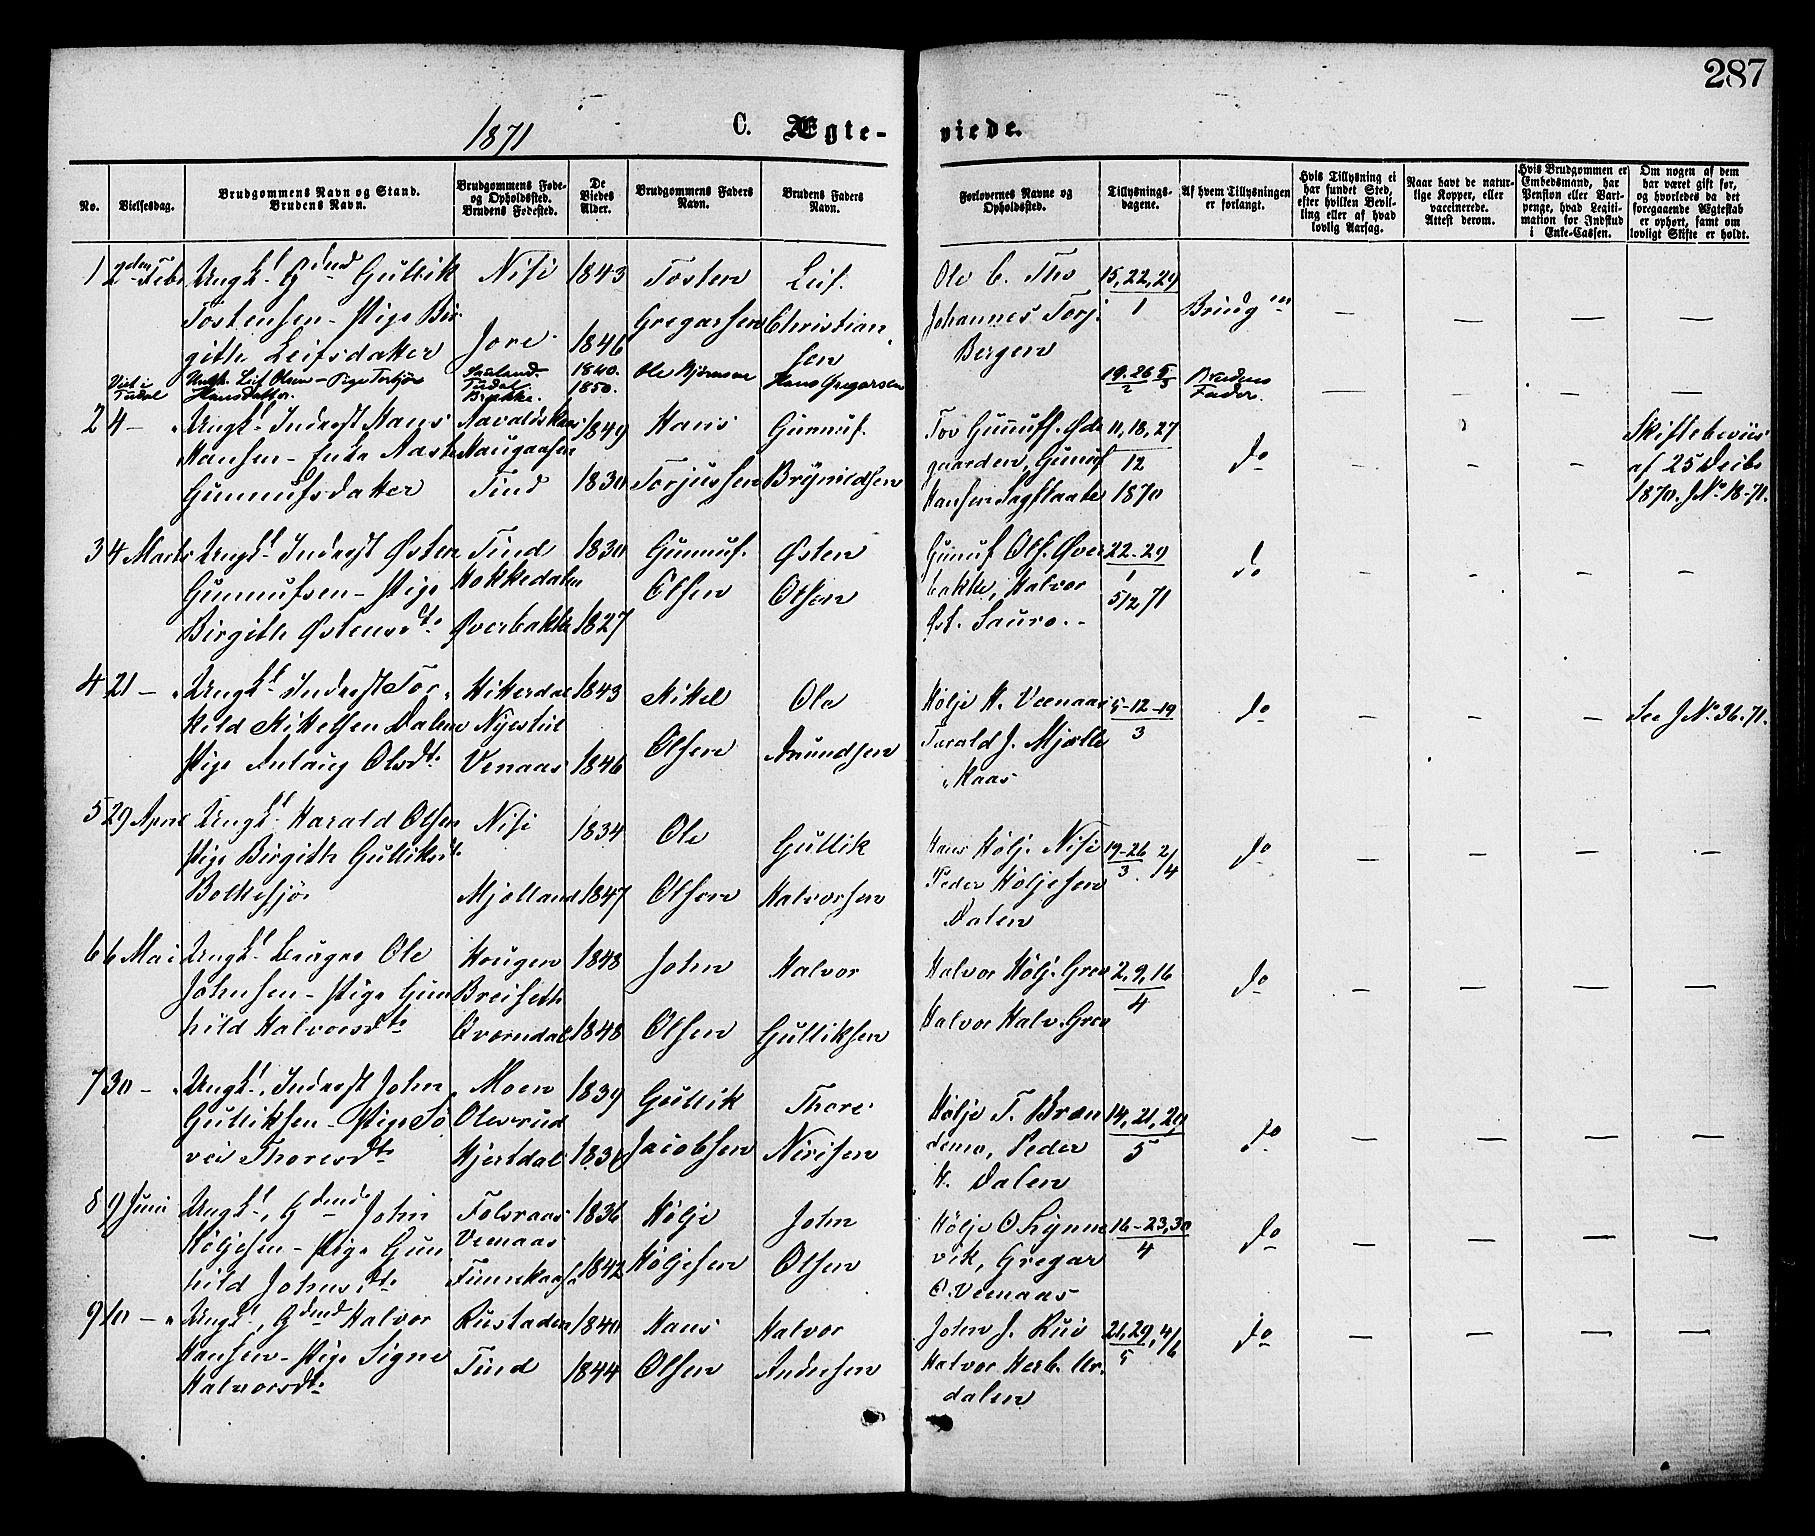 SAKO, Gransherad kirkebøker, F/Fa/L0004: Ministerialbok nr. I 4, 1871-1886, s. 287